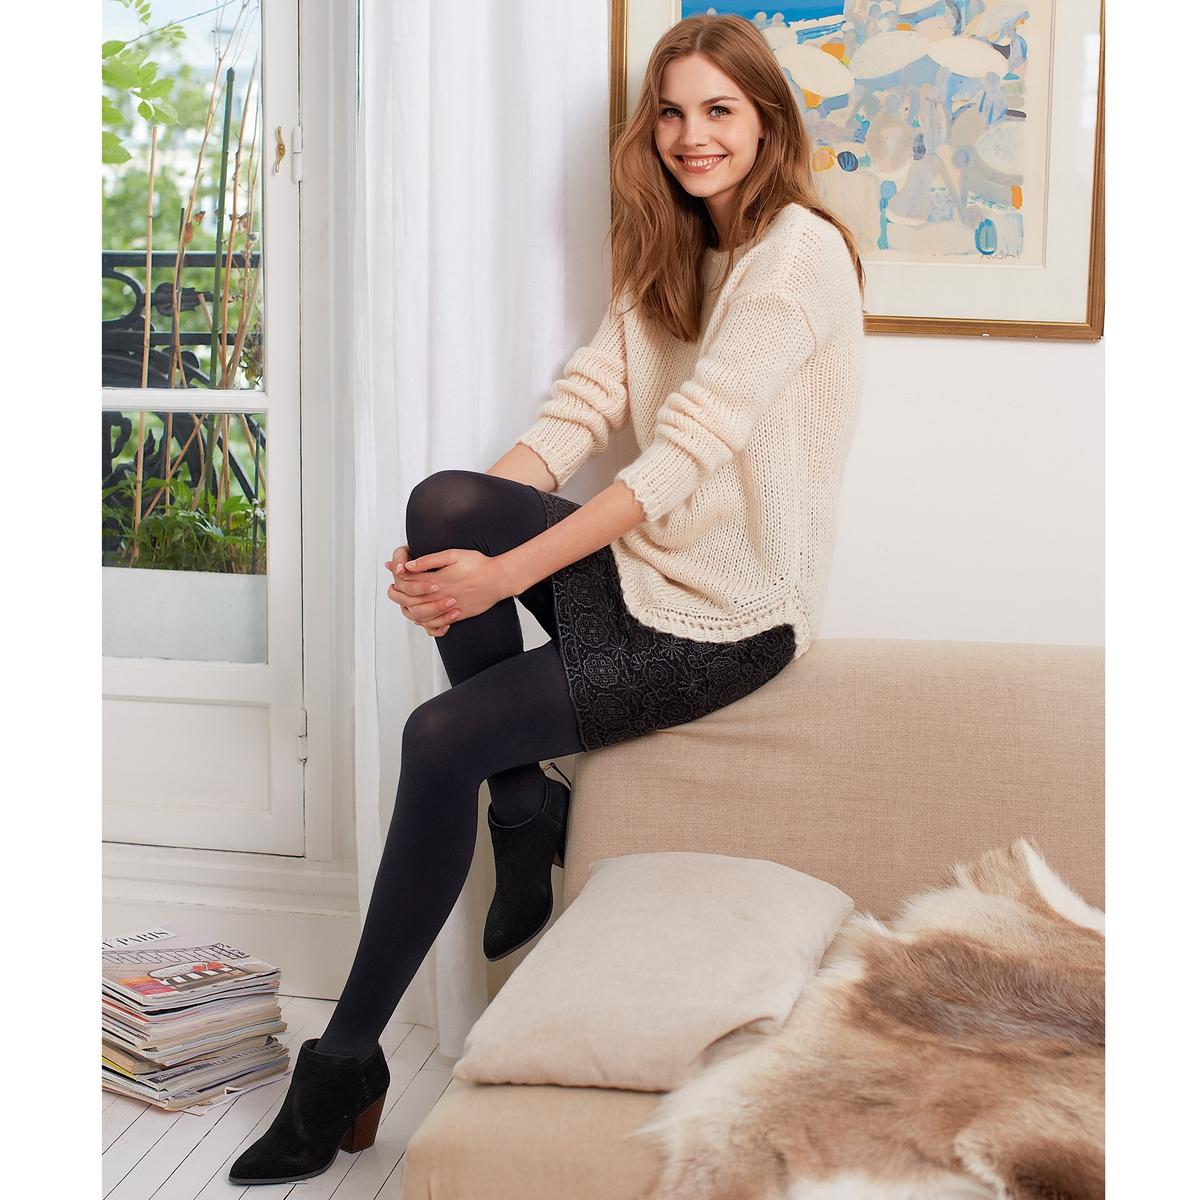 Пуловер из мягкого и пушистого трикотажа, 25% мохераПушистый пуловер из джерси крупной нити, 75% акрила, 25% мохера. Длинные рукава. Закругленный низ. Асимметрия: удлиненная спинка, длина 72 см.Модель свободной посадки по фигуре. Если Вы хотите, чтобы модель облегала силуэт, заказывайте на 1 размер меньше Вашего обычного размера.  Плюс модели: мохер придает пуловеру мягкость и объем.<br><br>Цвет: розовый экрю<br>Размер: 46/48 (FR) - 52/54 (RUS)